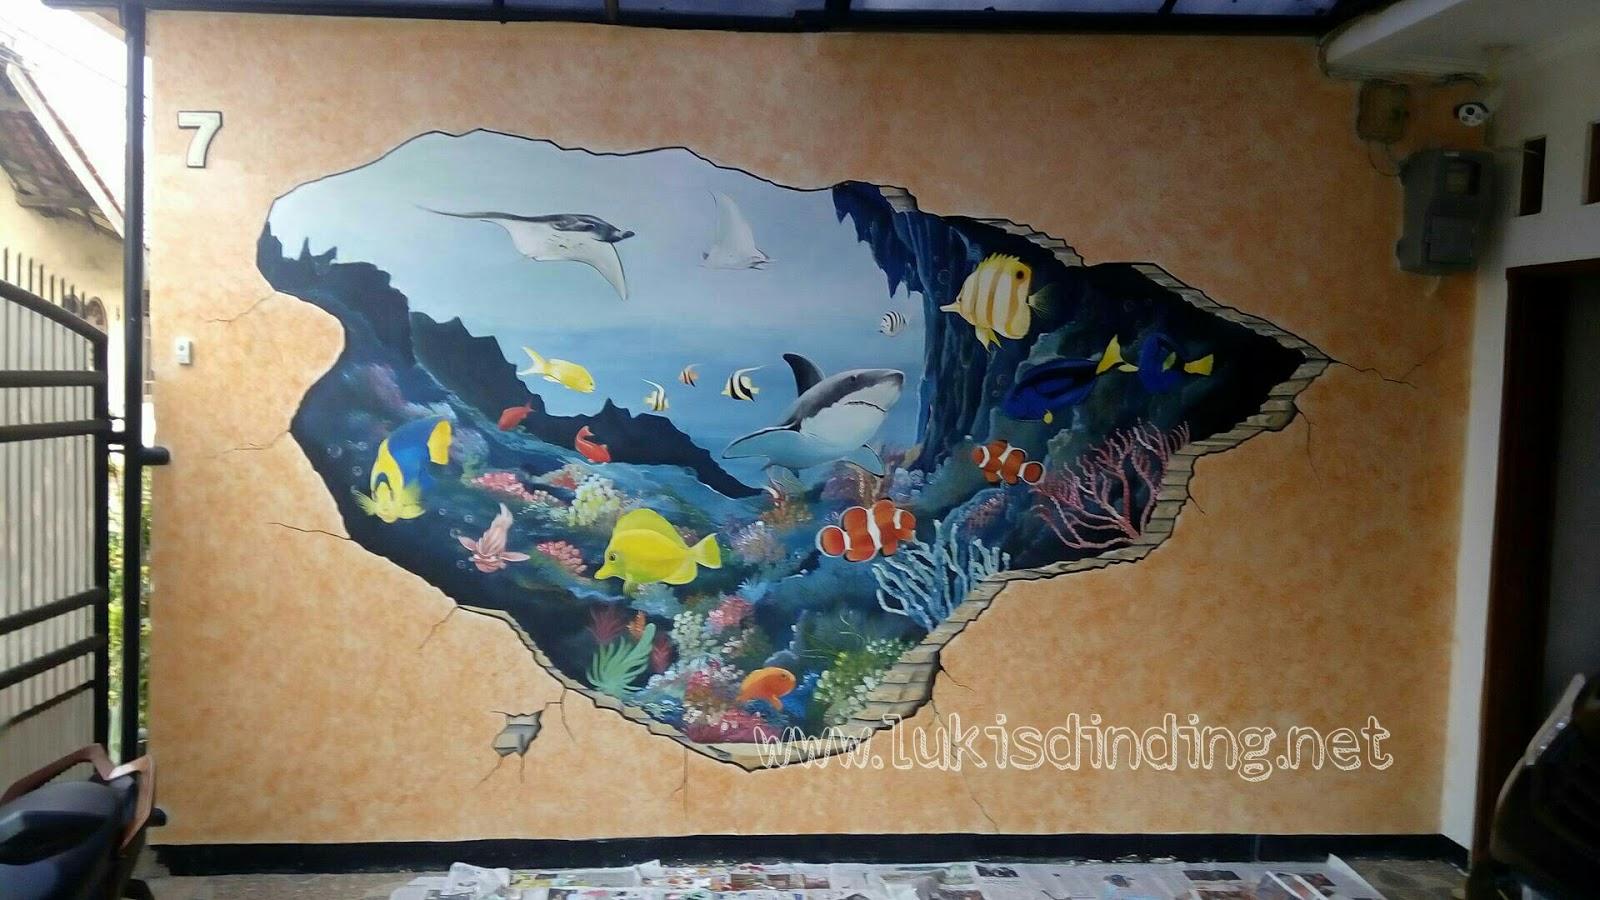 Lukisan Mural  Lukisan Mural 3D  Lukisan Dinding